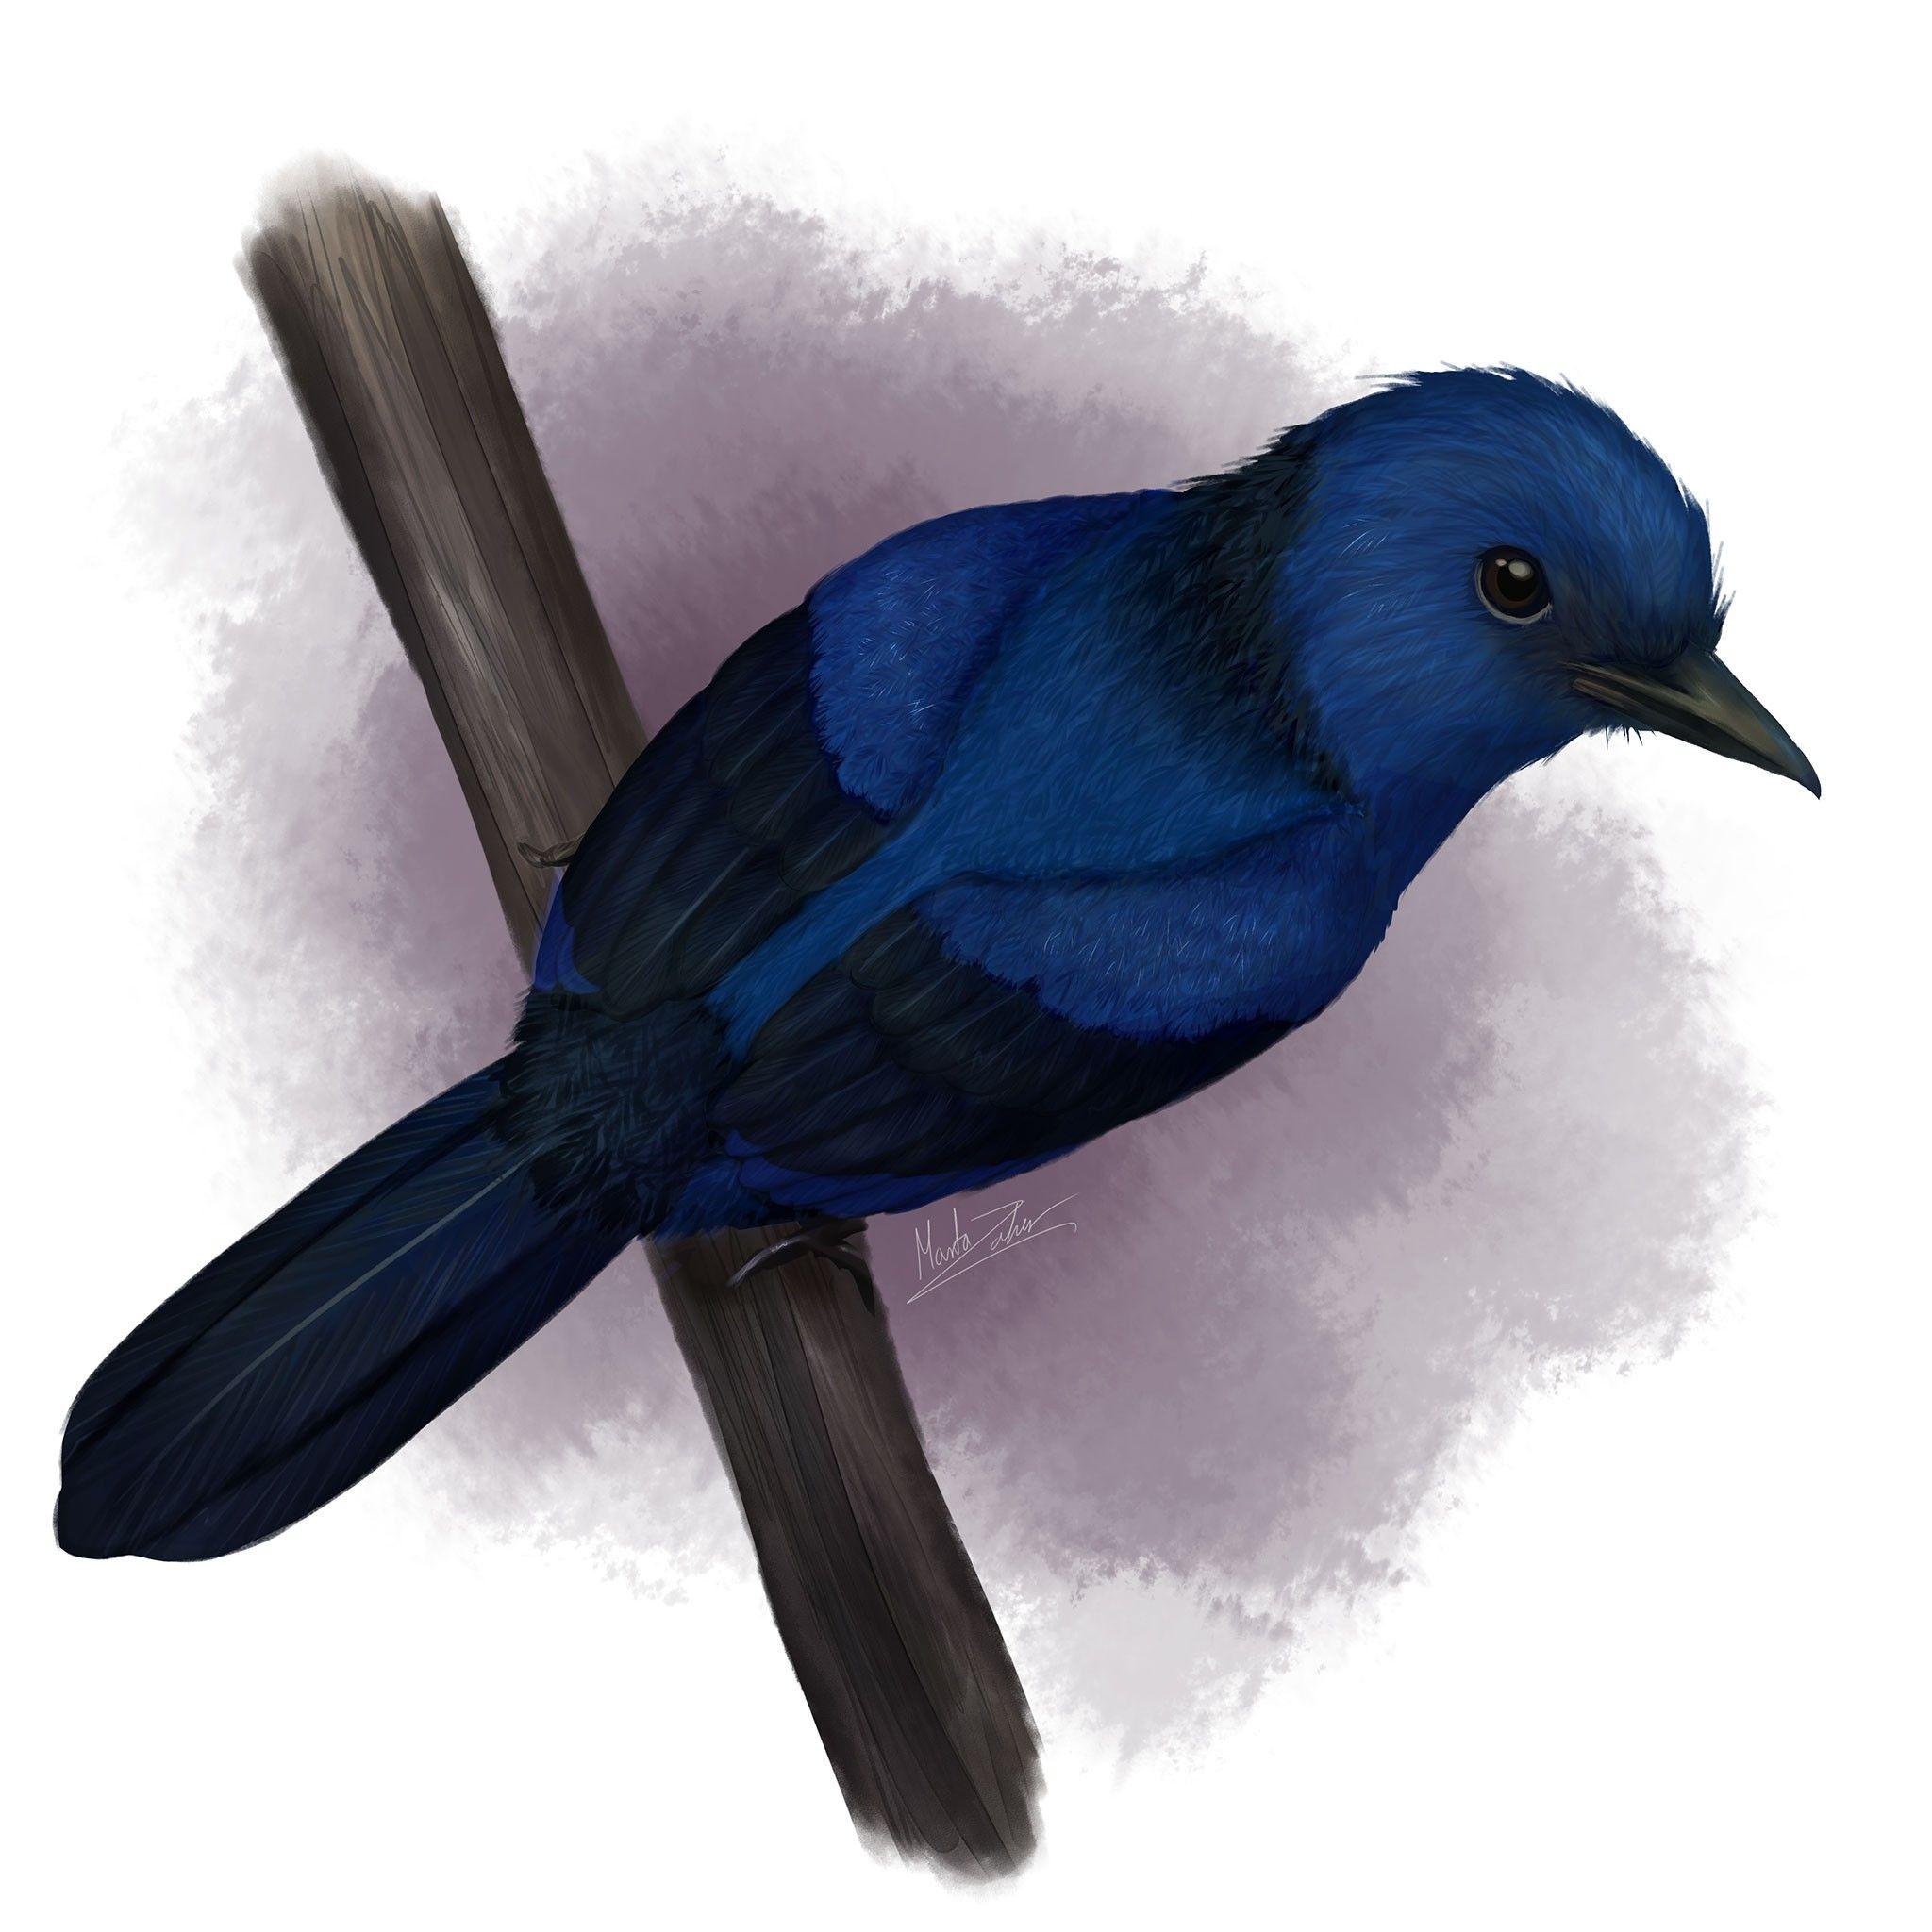 Découverte du premier fossile d'oiseau aux plumes bleues | National Geographic